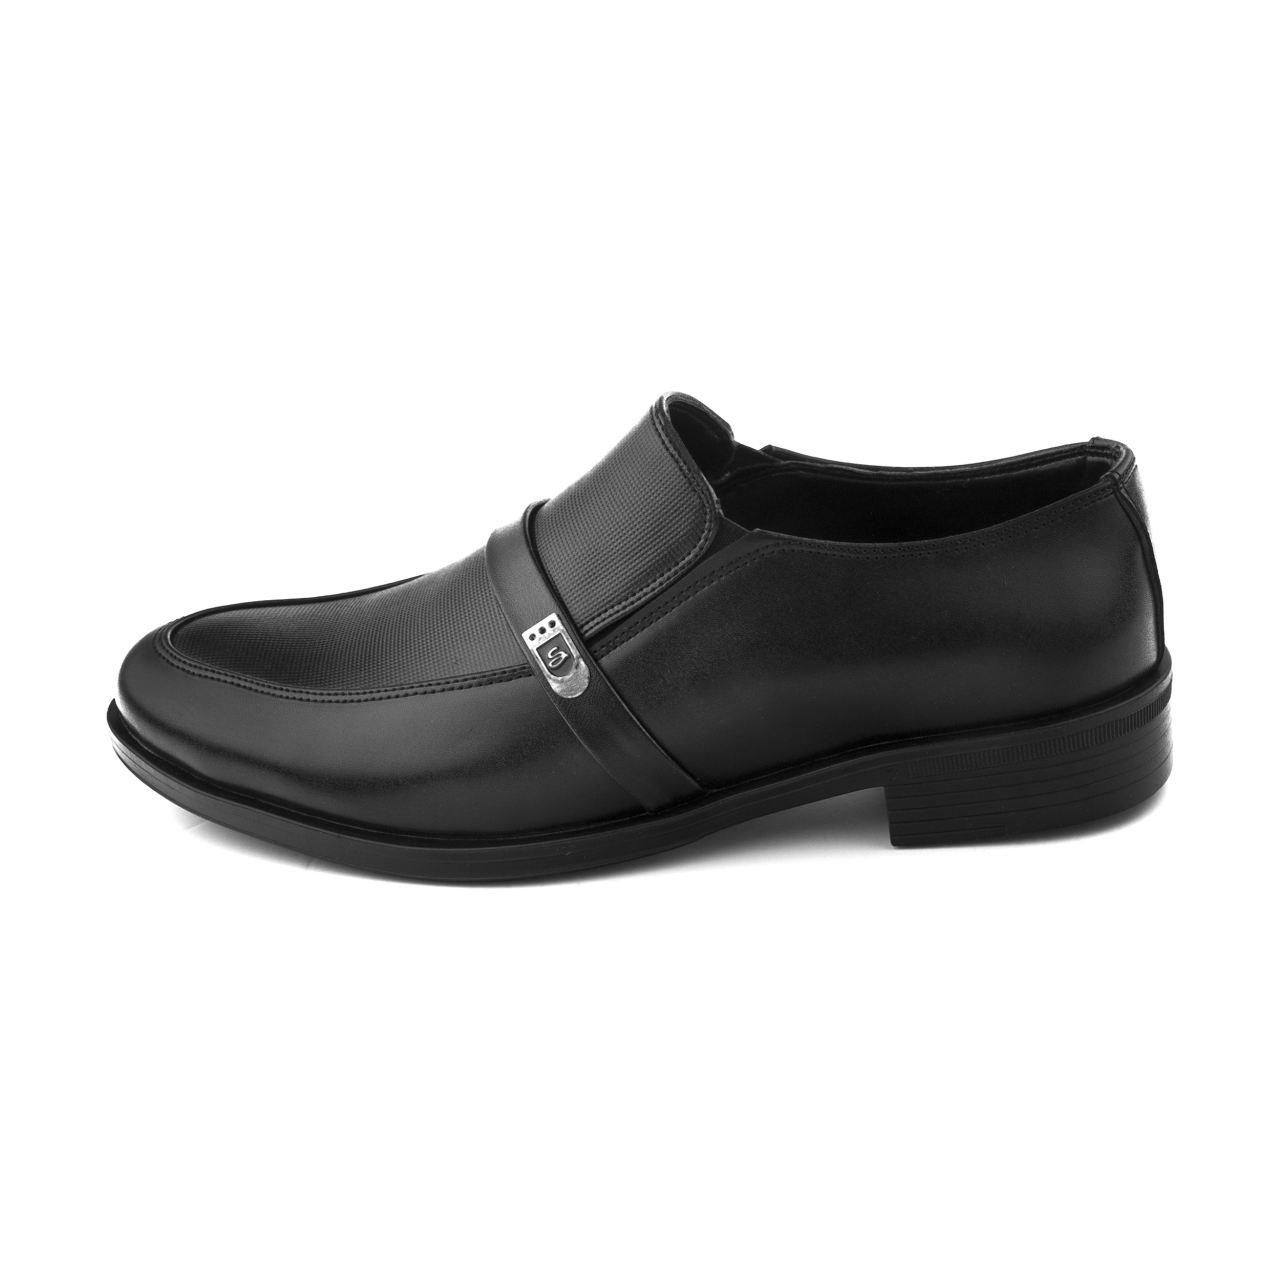 کفش مردانه اسپرت من مدل R10041